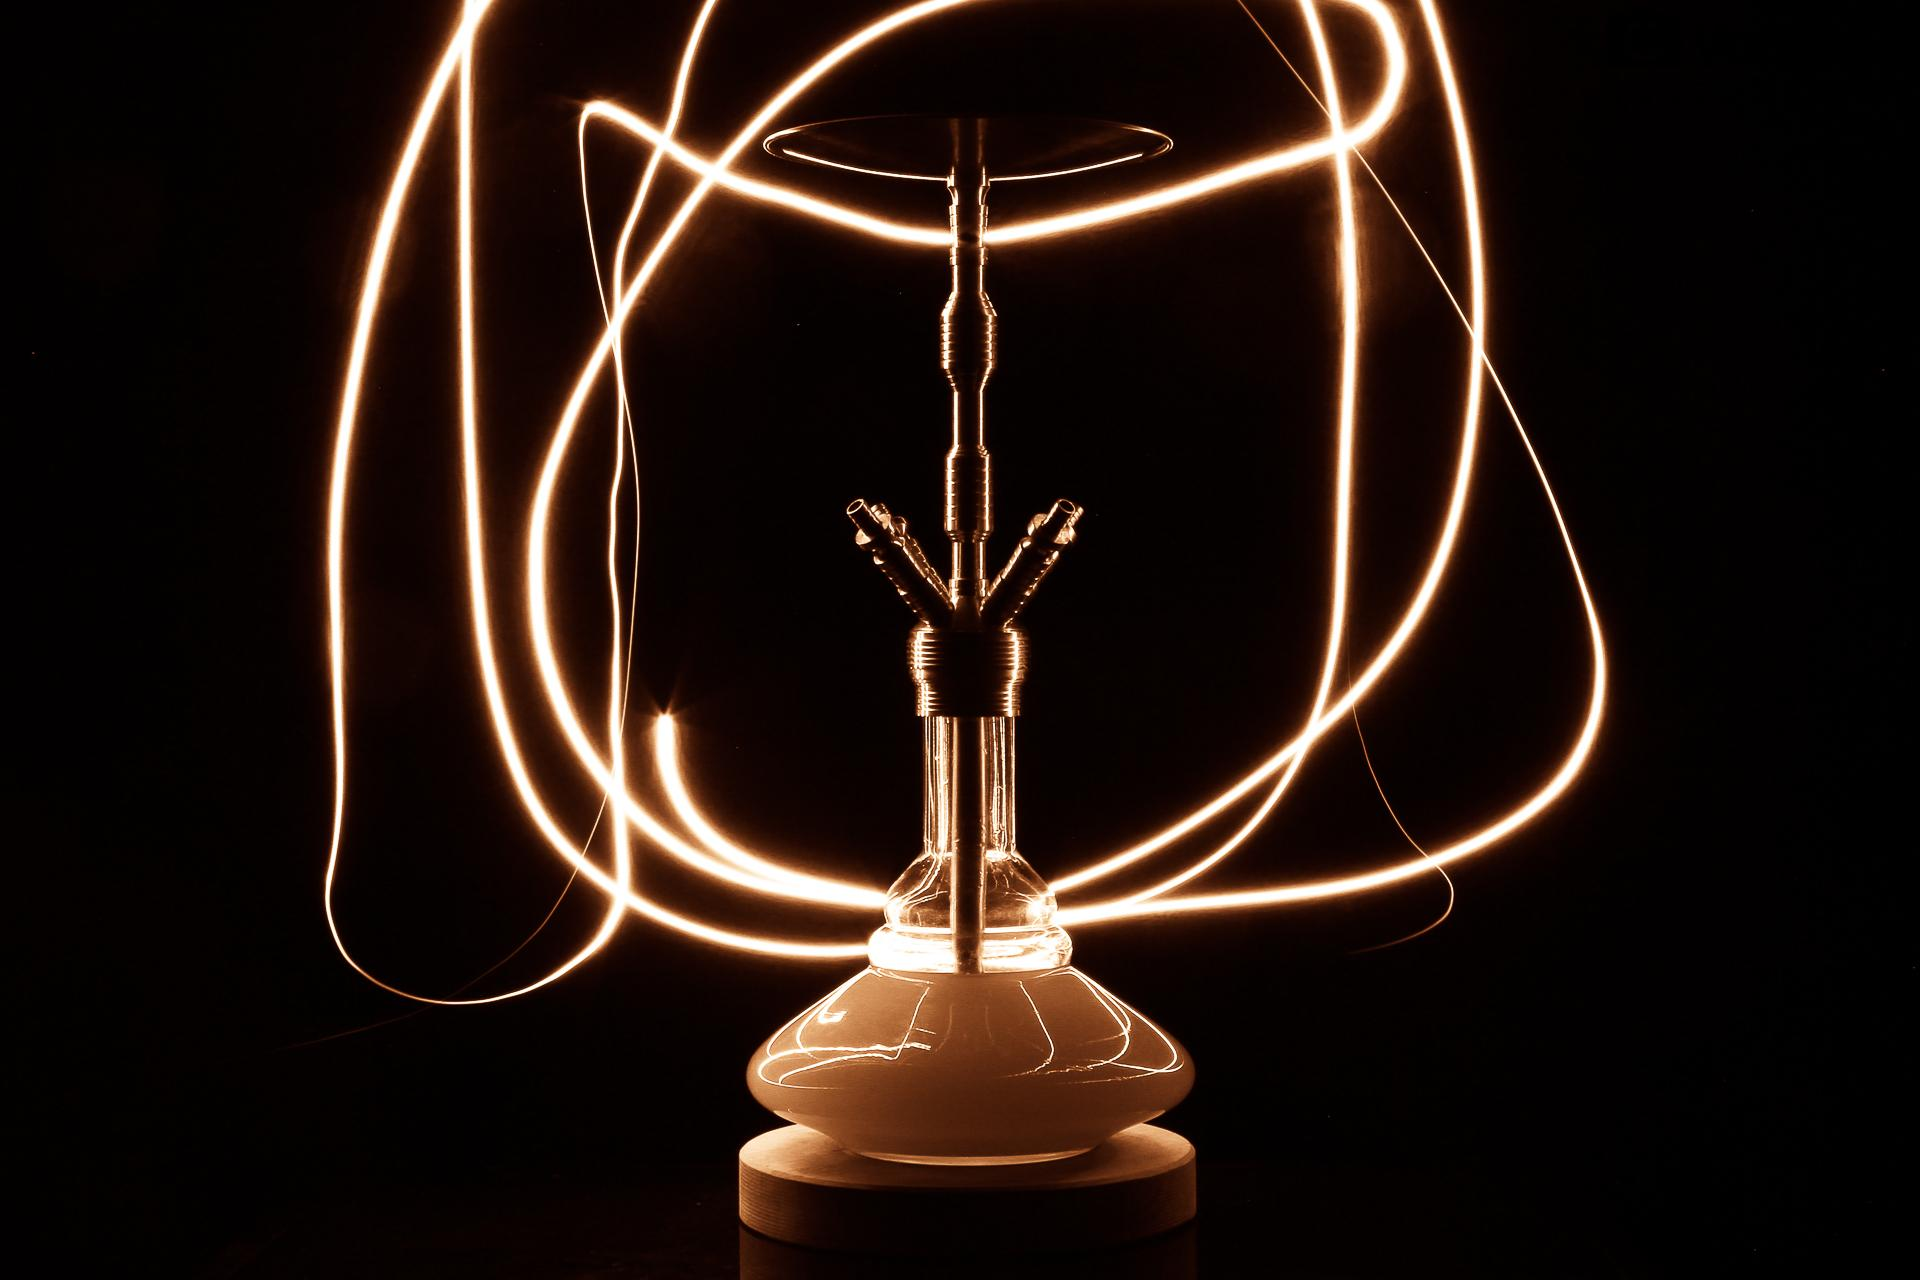 Light Gold armageddon